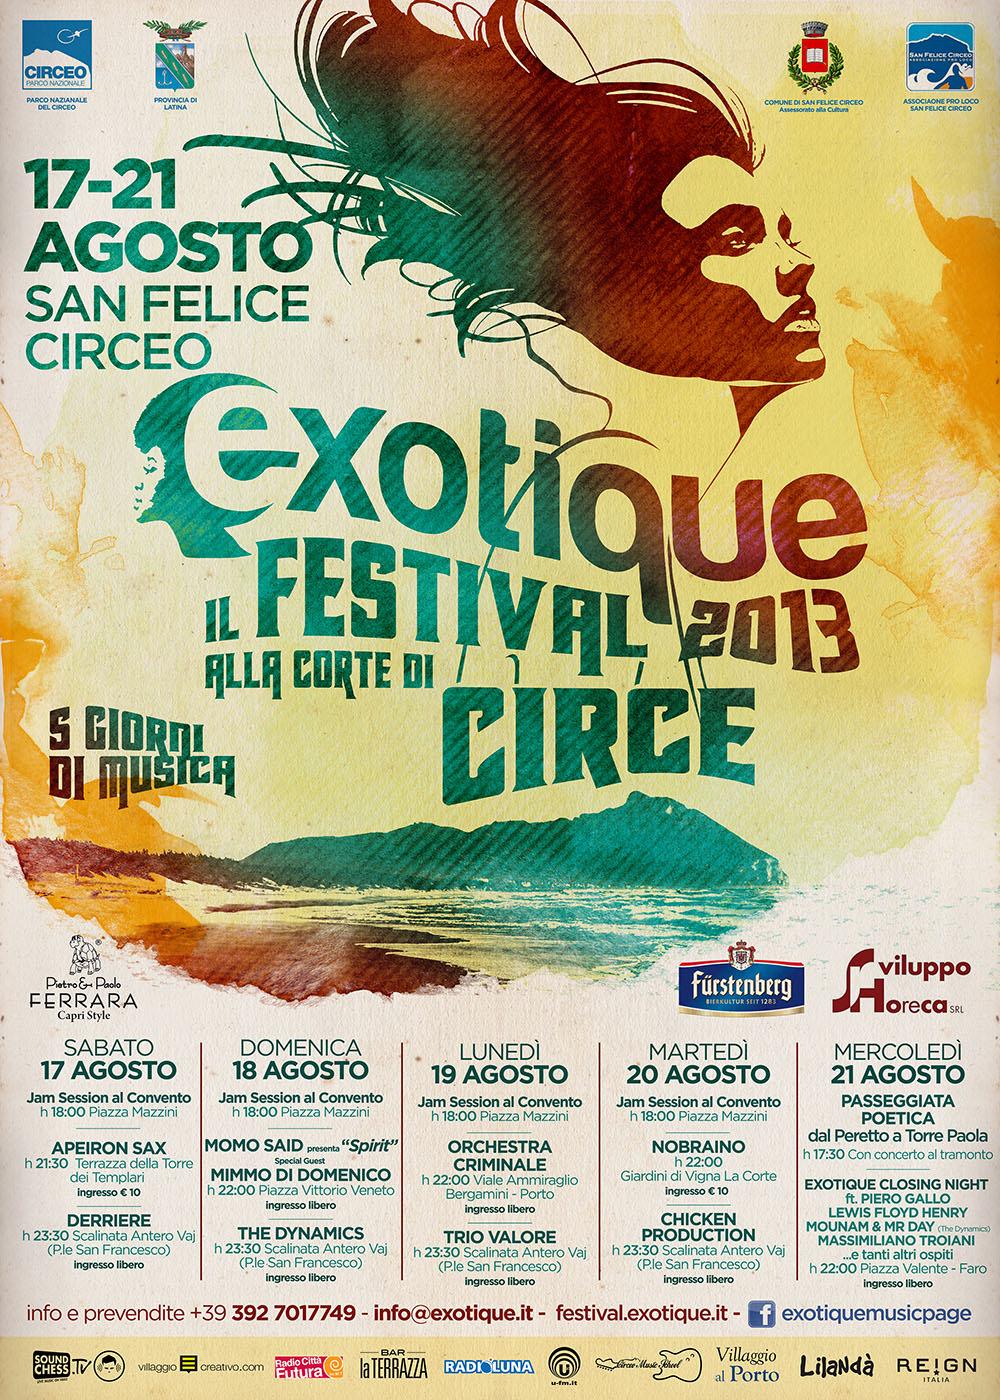 Exotique 2013 – il Festival alla Corte di Circe – S.F.Circeo 17-21 Agosto